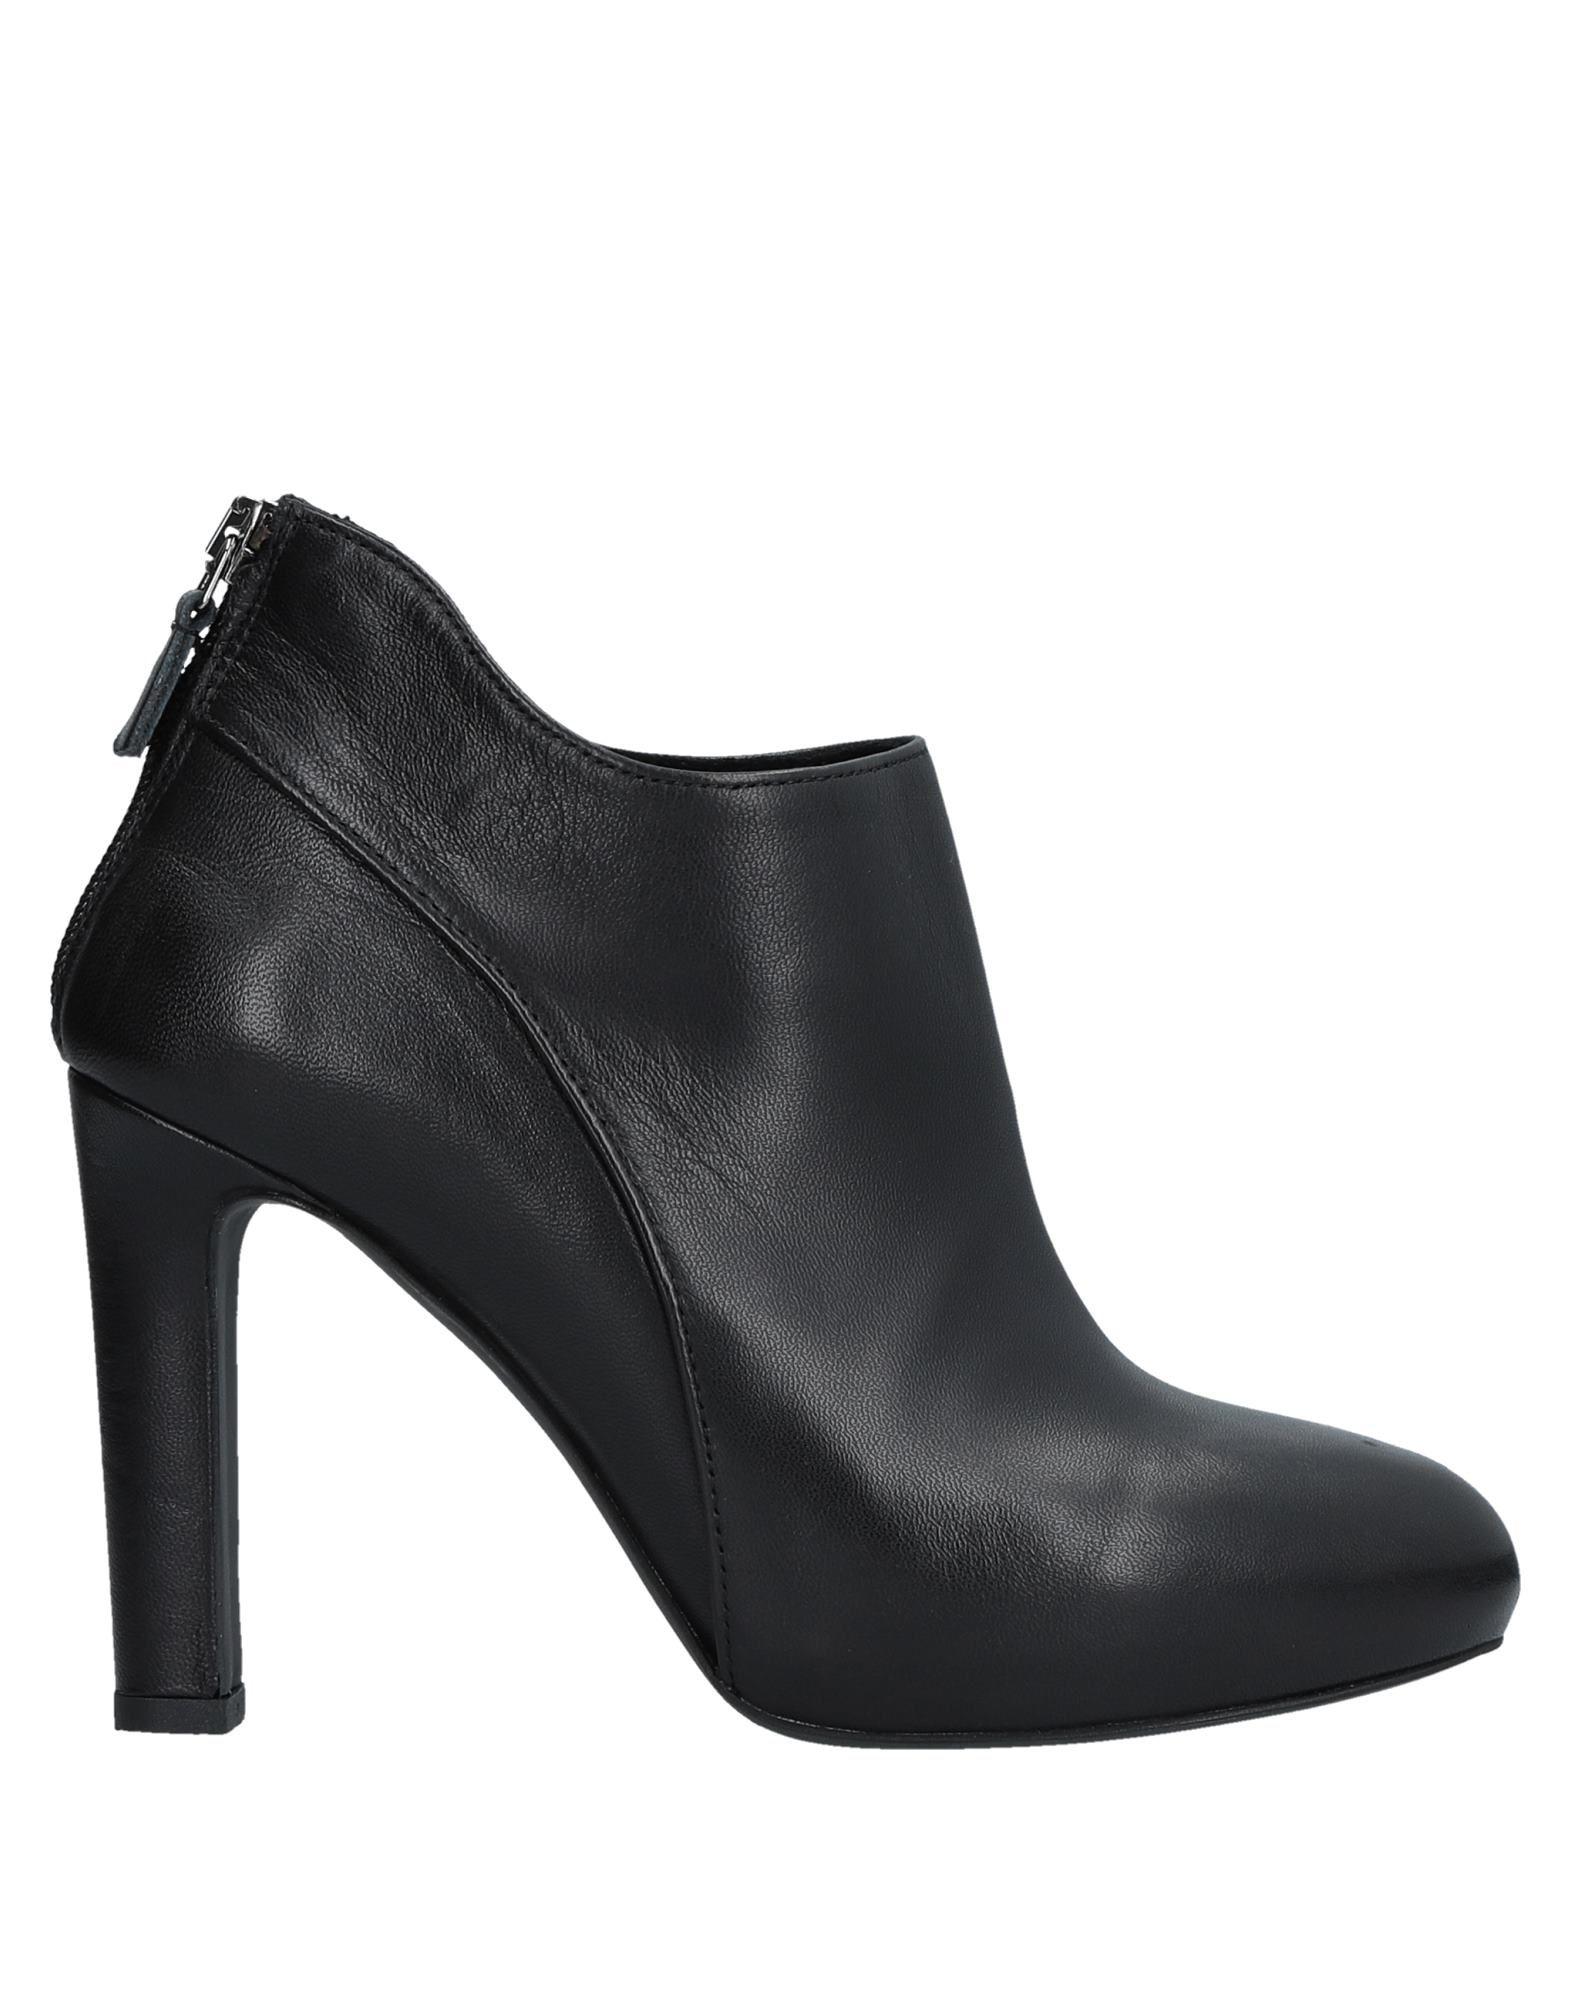 Gianni Del Prete Stiefelette Damen  11525510LF Gute Qualität beliebte Schuhe